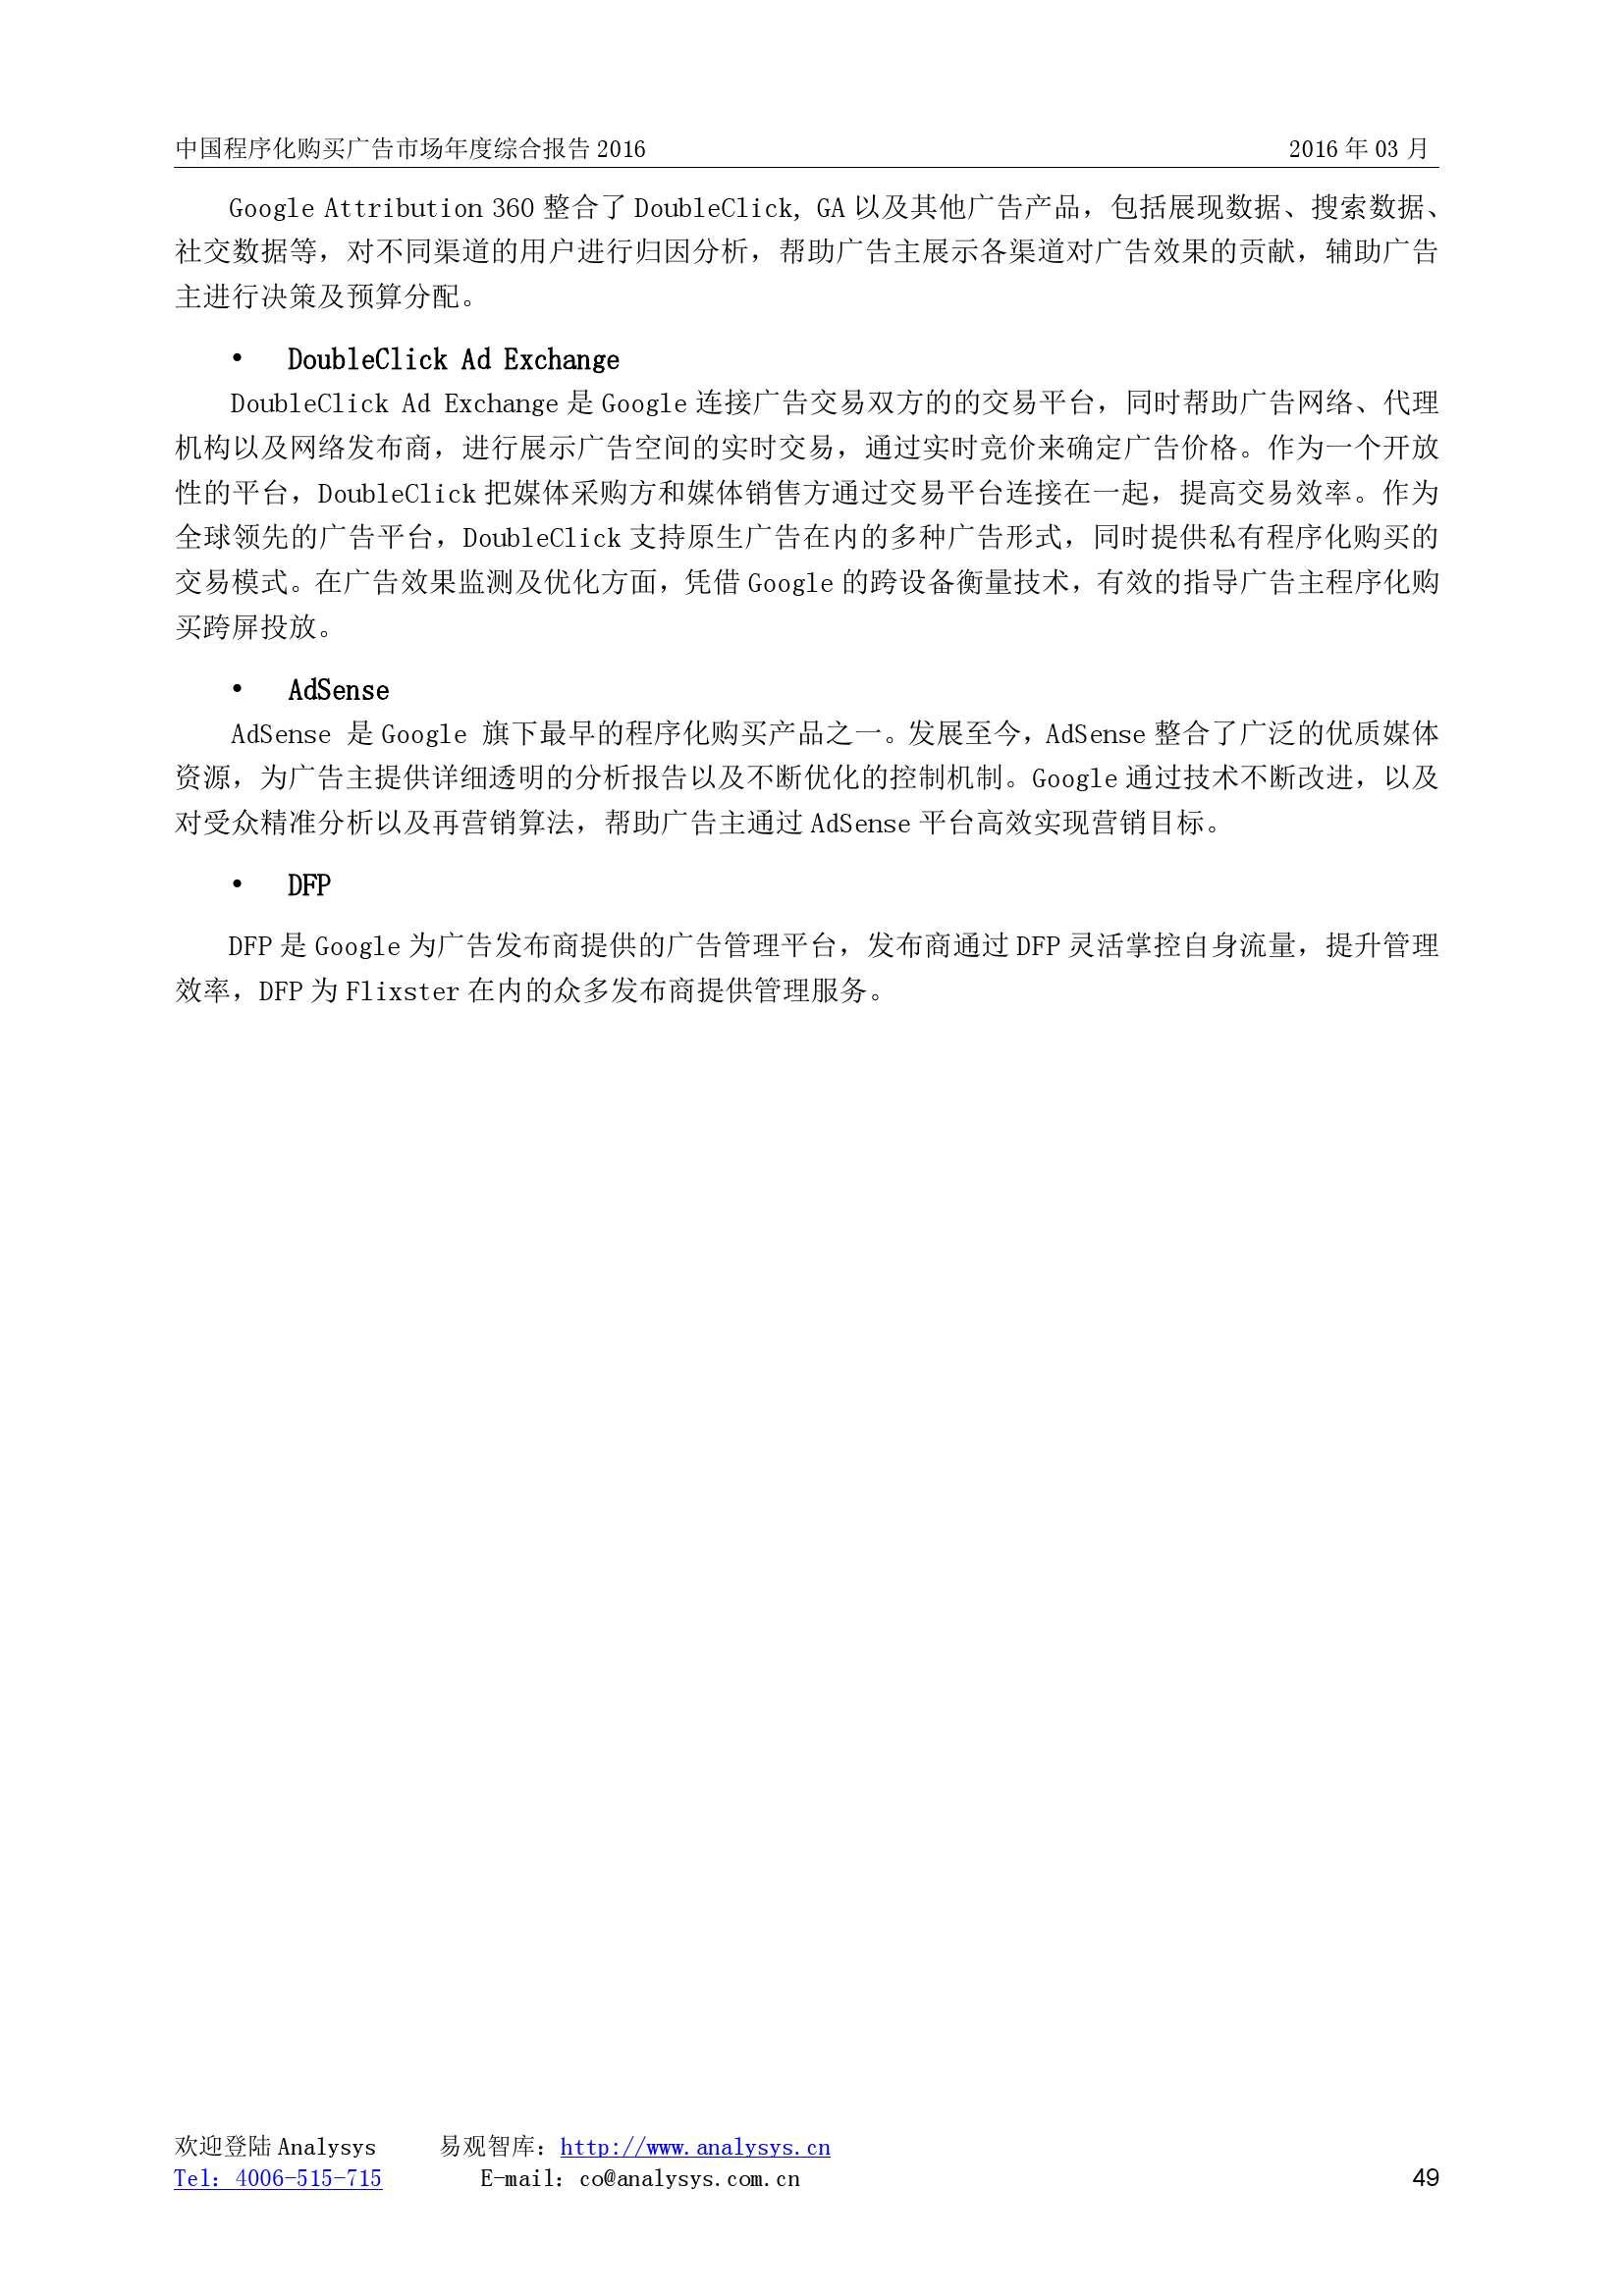 中国程序化购买广告市场年度综合报告2016_000049